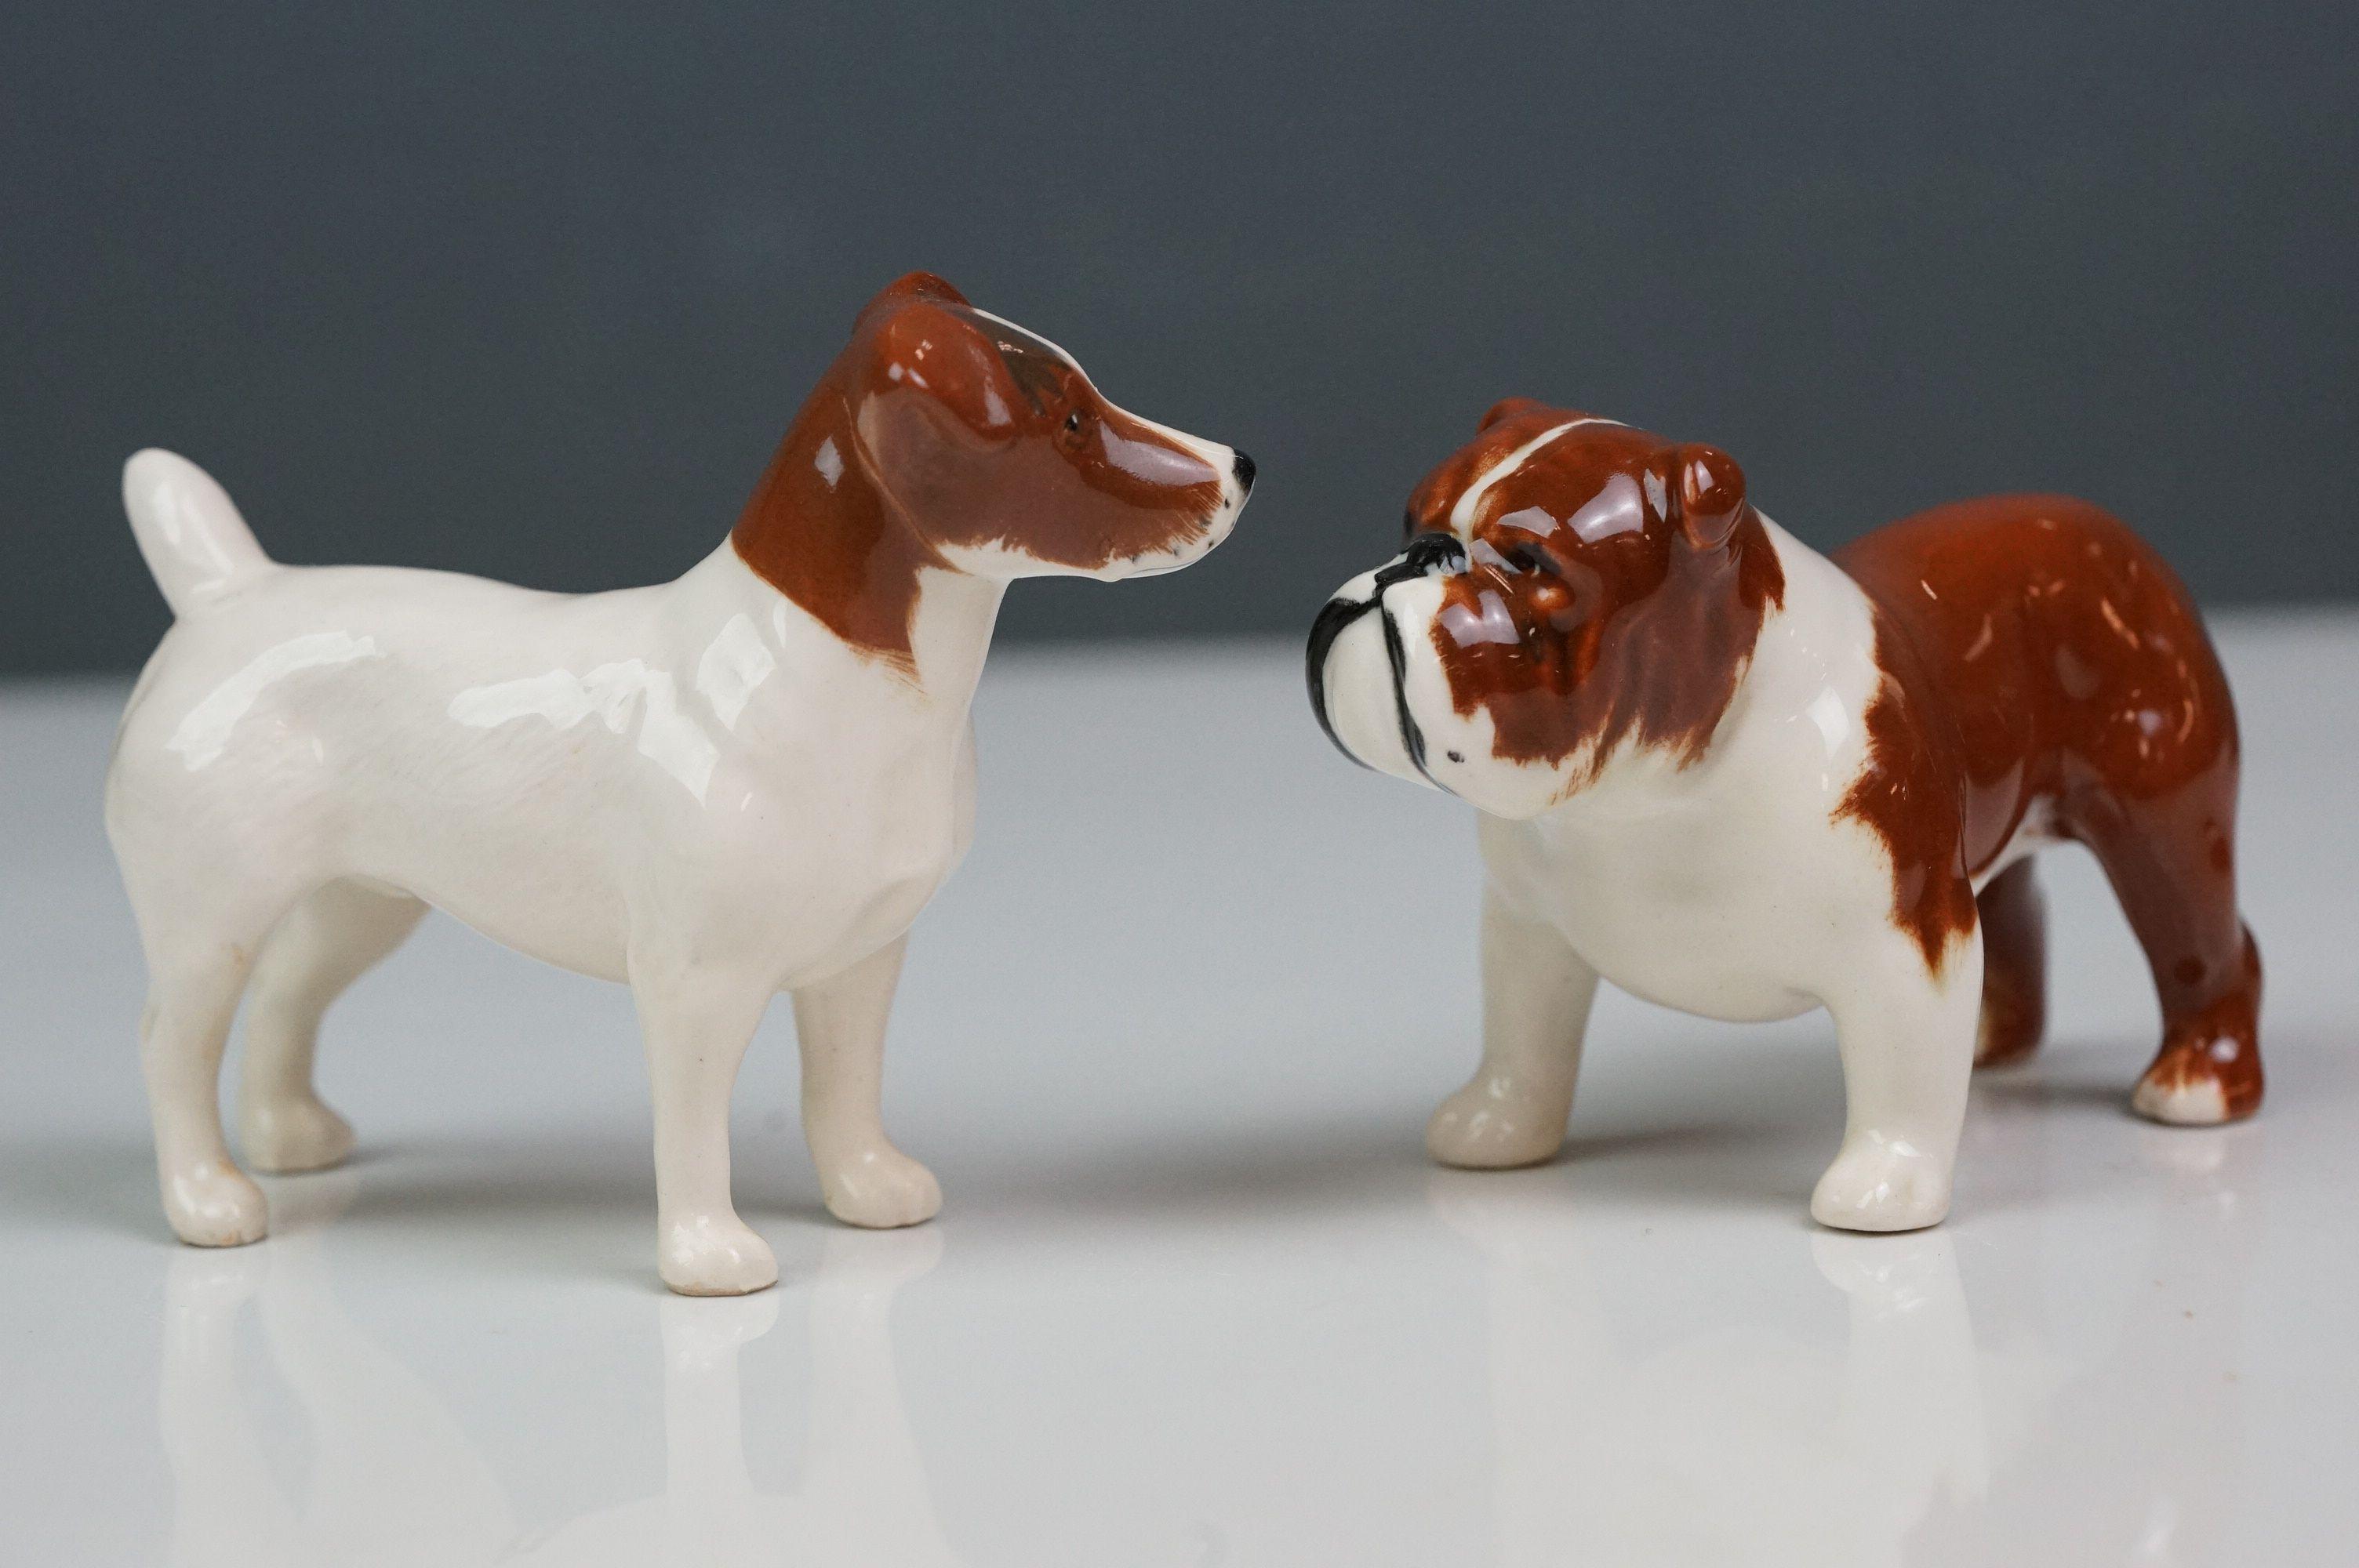 Six Beswick dogs: Bulldog Bosun small, model no. 1731; Corgi small, model no. 1736; Collie small, - Image 10 of 12